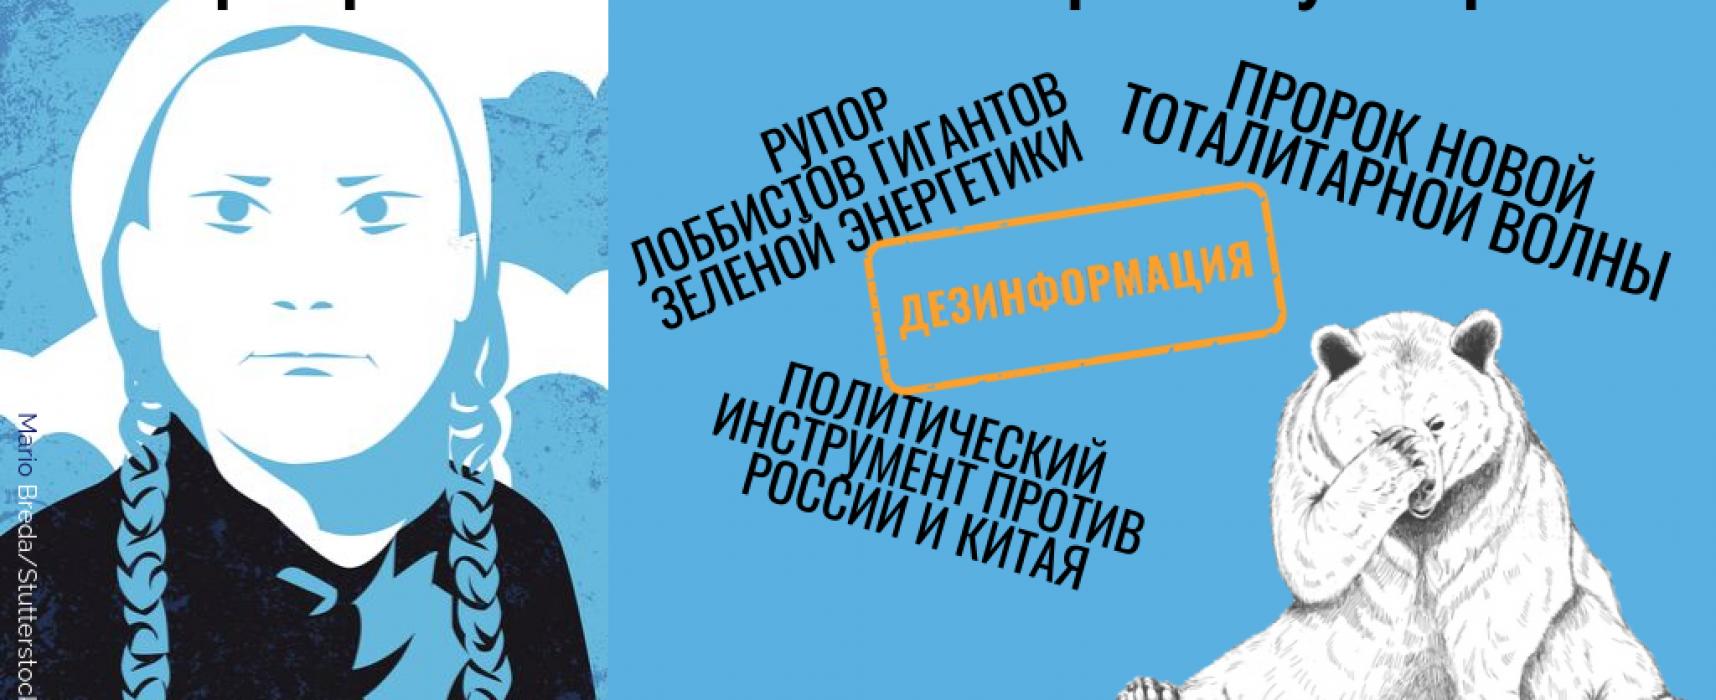 Почему прокремлевские СМИ боятся Греты?